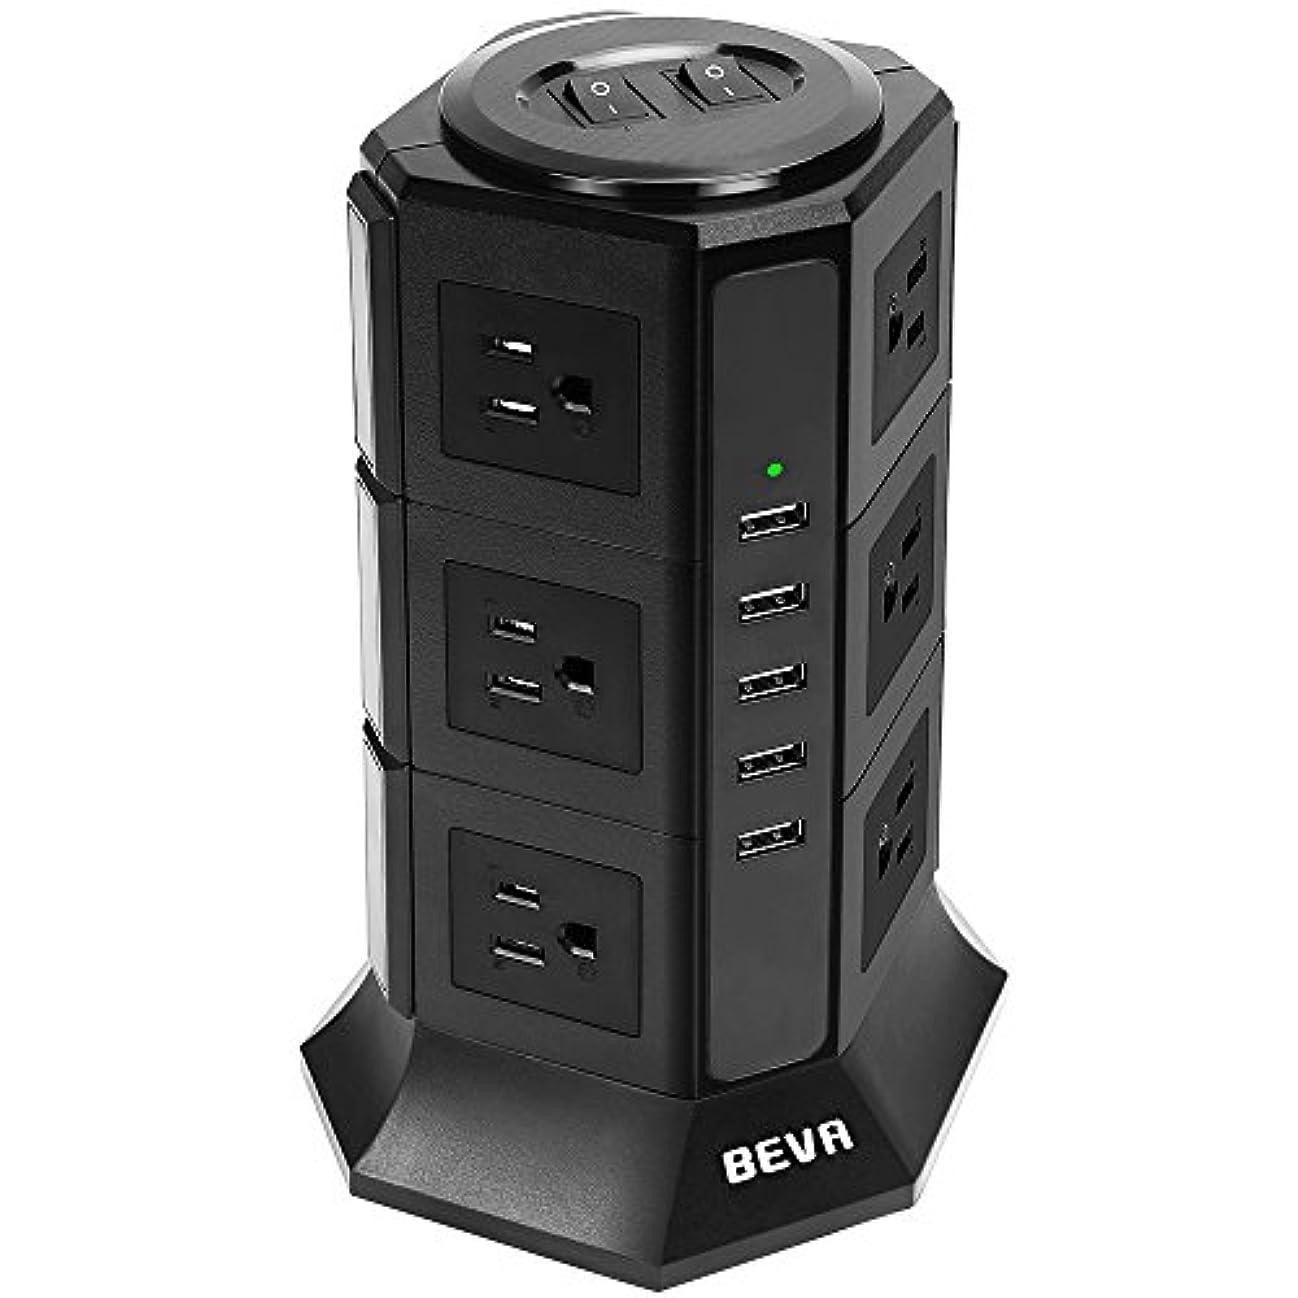 プリーツ心臓飛躍BEVA 縦コンセント AC充電口(110-125V)+USBポート(最大4.5A/5V)雷ガード 過負荷保護 省エネ 延長コード2m オフィス/家庭給電用